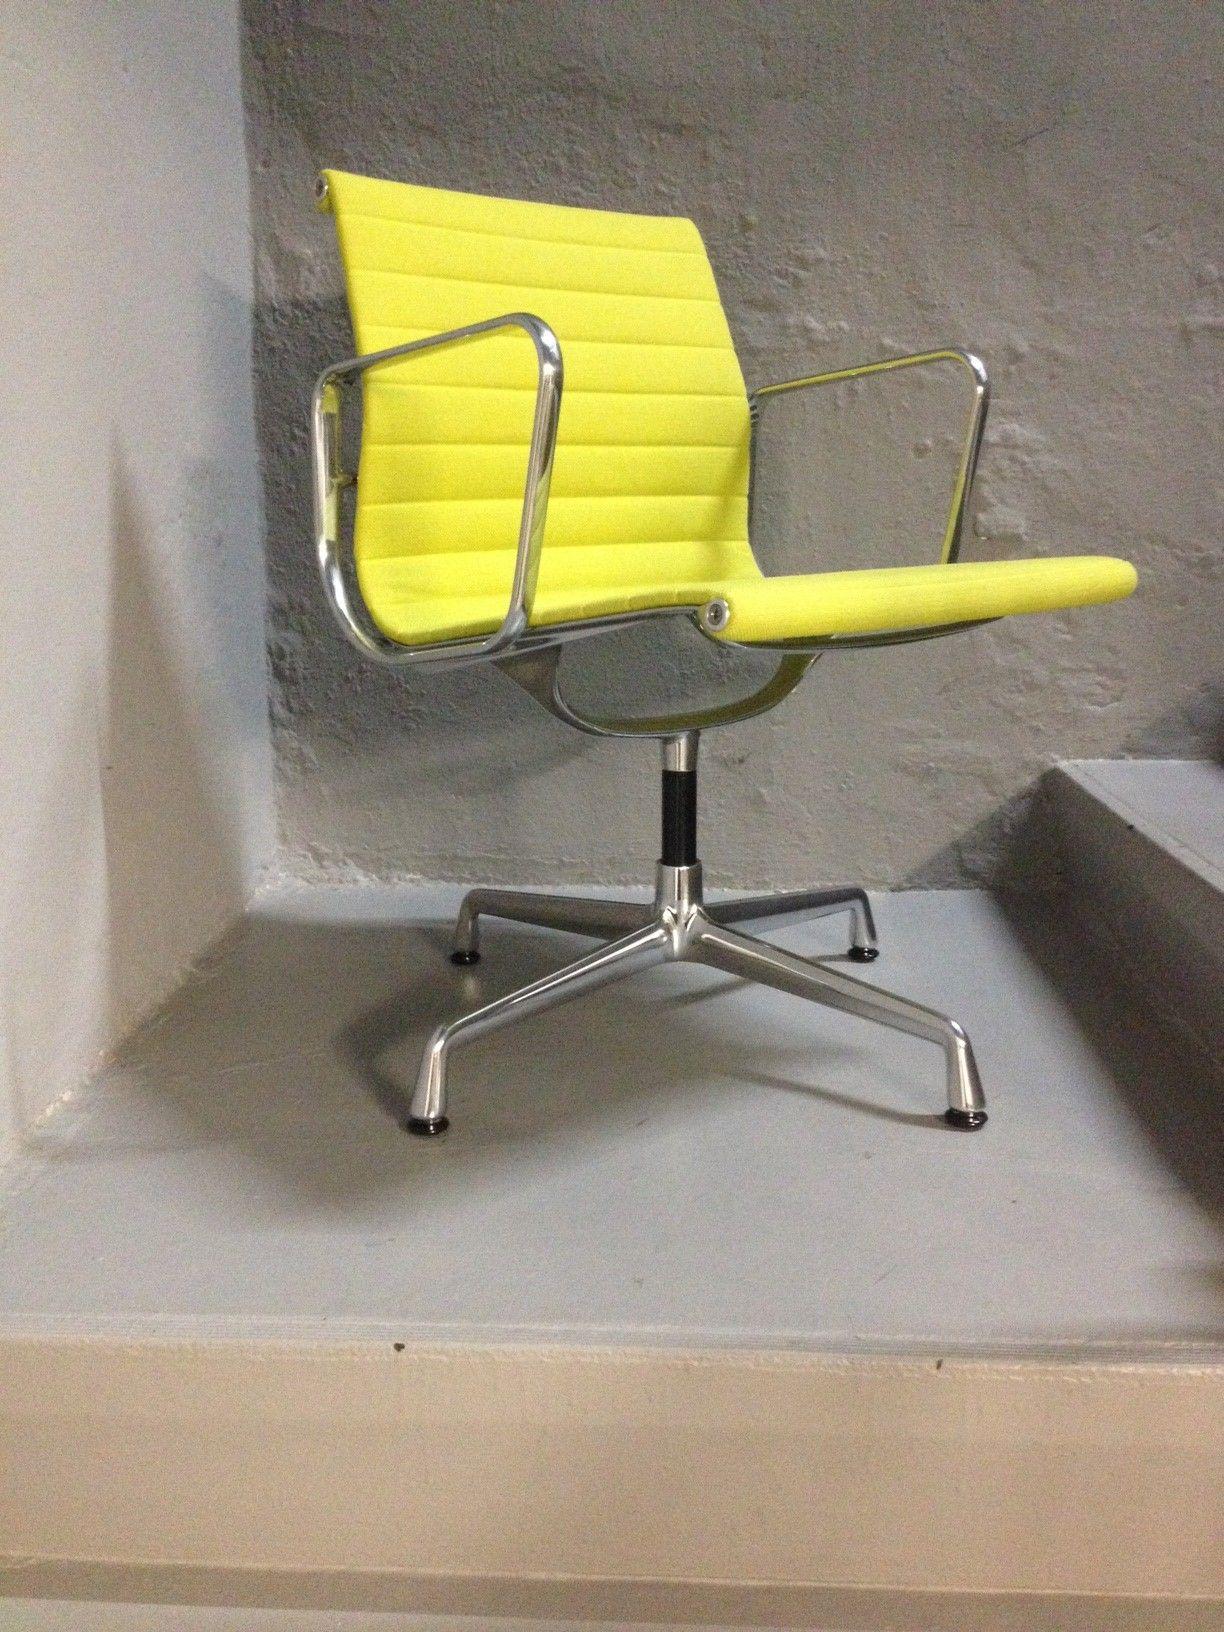 Vitra EA 104 Dining Aluchair in gelb lindgrün bringt endlich Farbe an den Esstisch oder im Büro